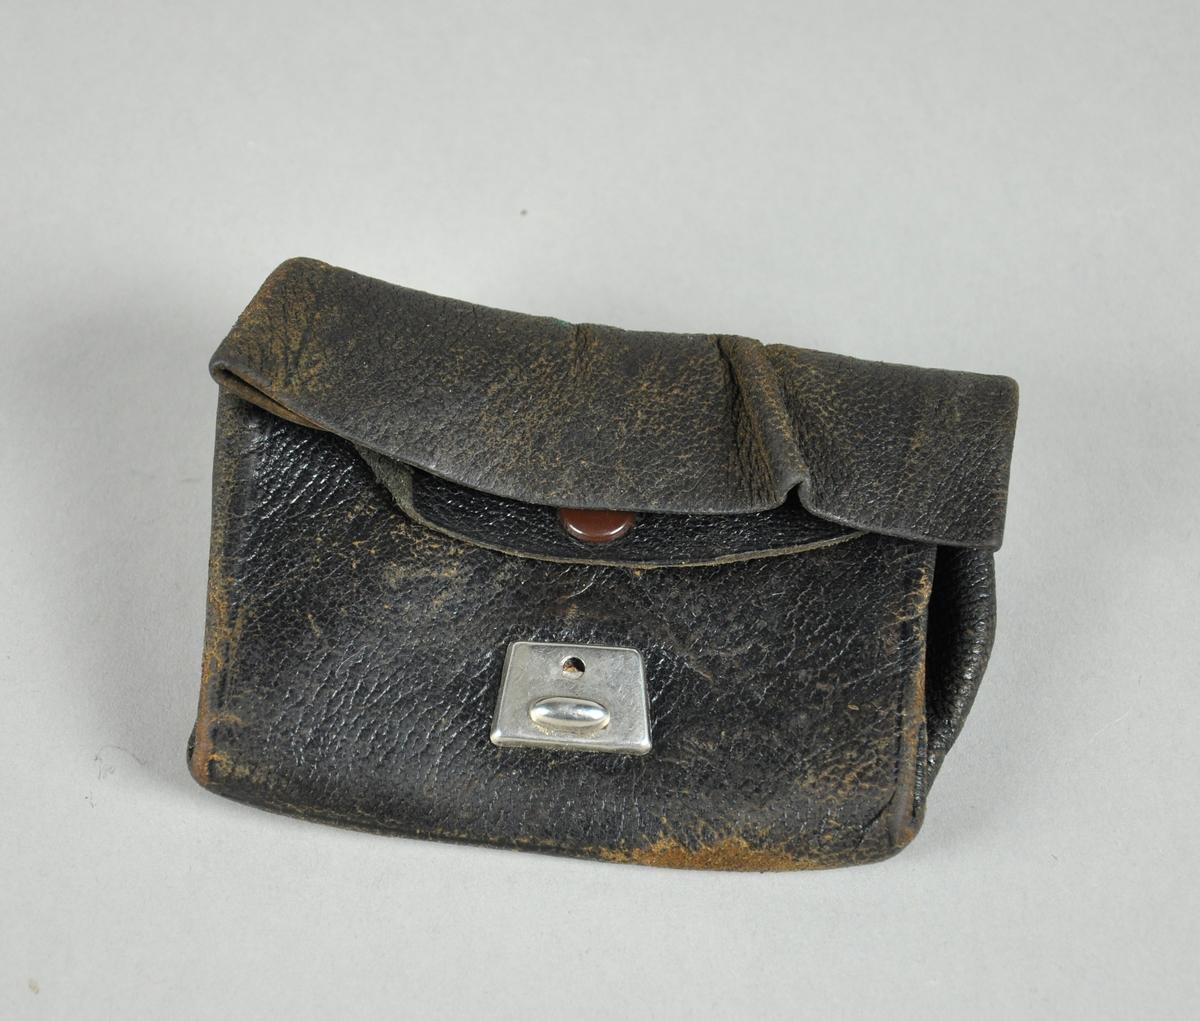 Lommebok av skinn. En lomme har klaff med trykknapp, og den andre er brettet. Metallås mangler den ene delen, slik at låsen ikke fungerer.